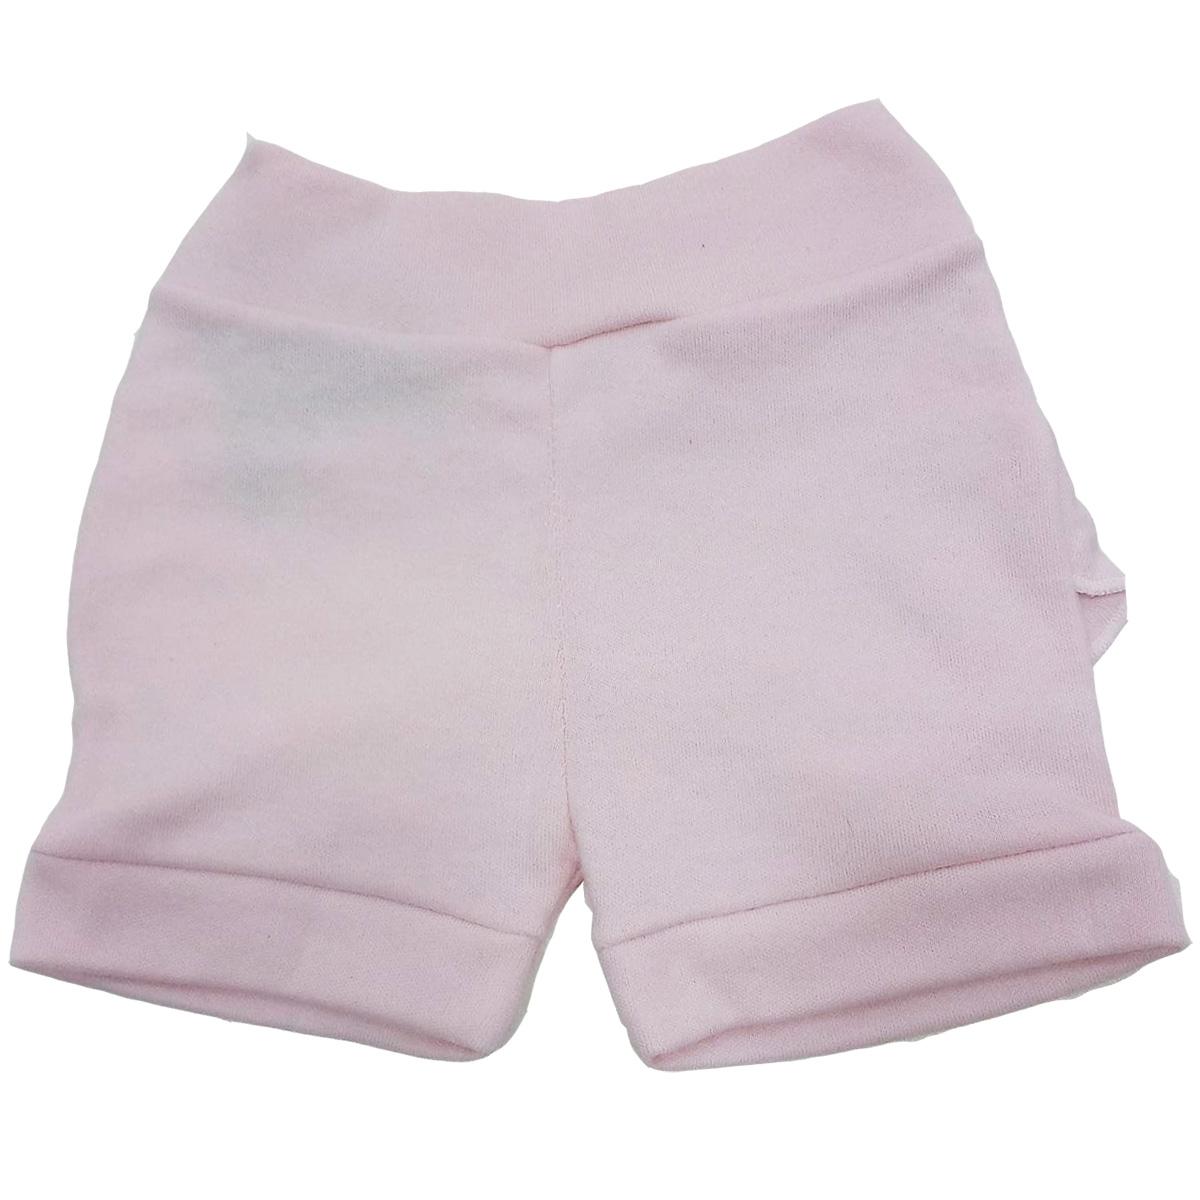 Short Estilinho Confecções de Bebe Rosa